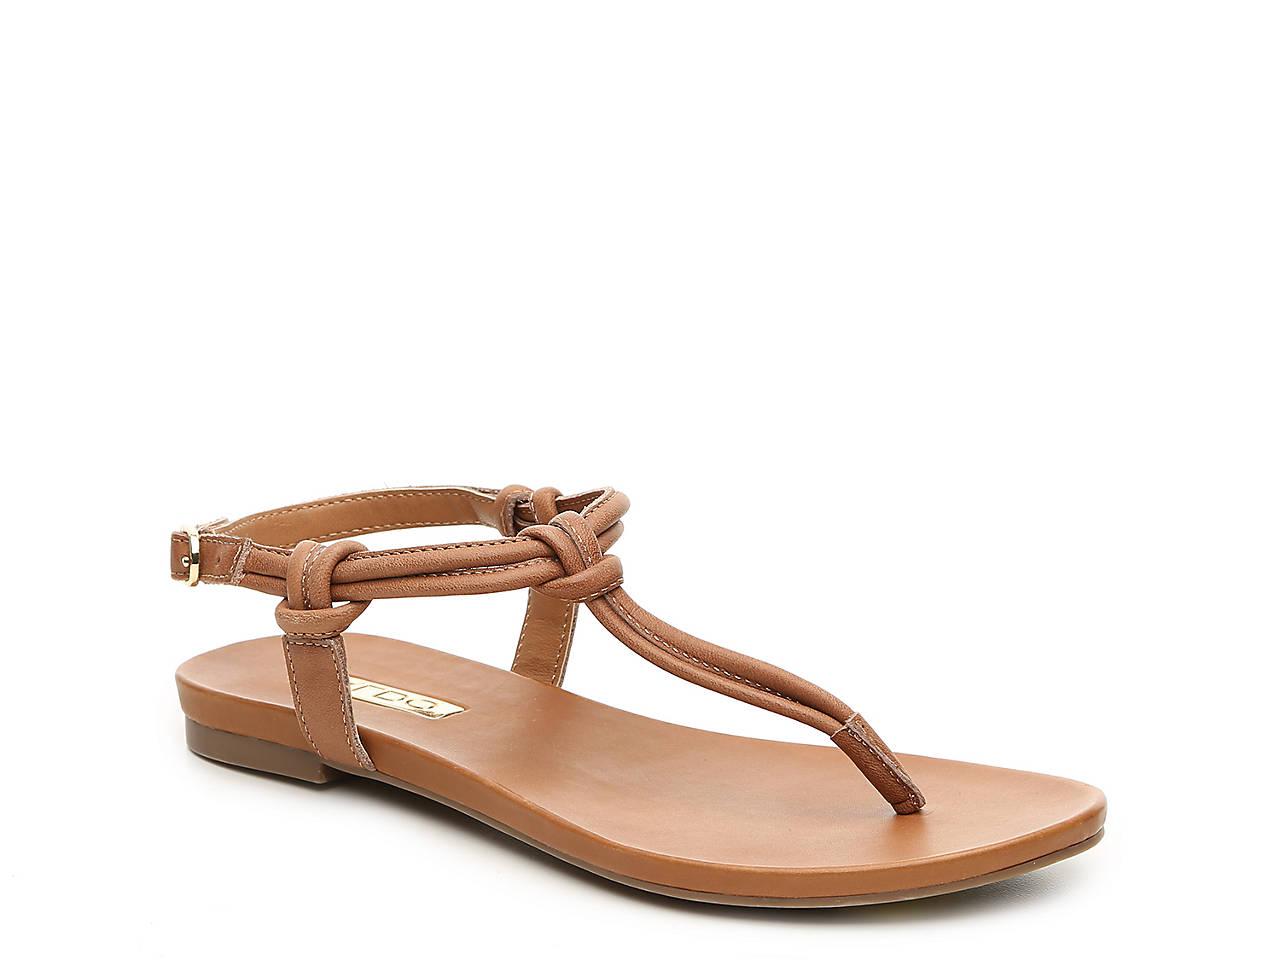 0957fea4d Aldo Sahale Sandal Women s Shoes